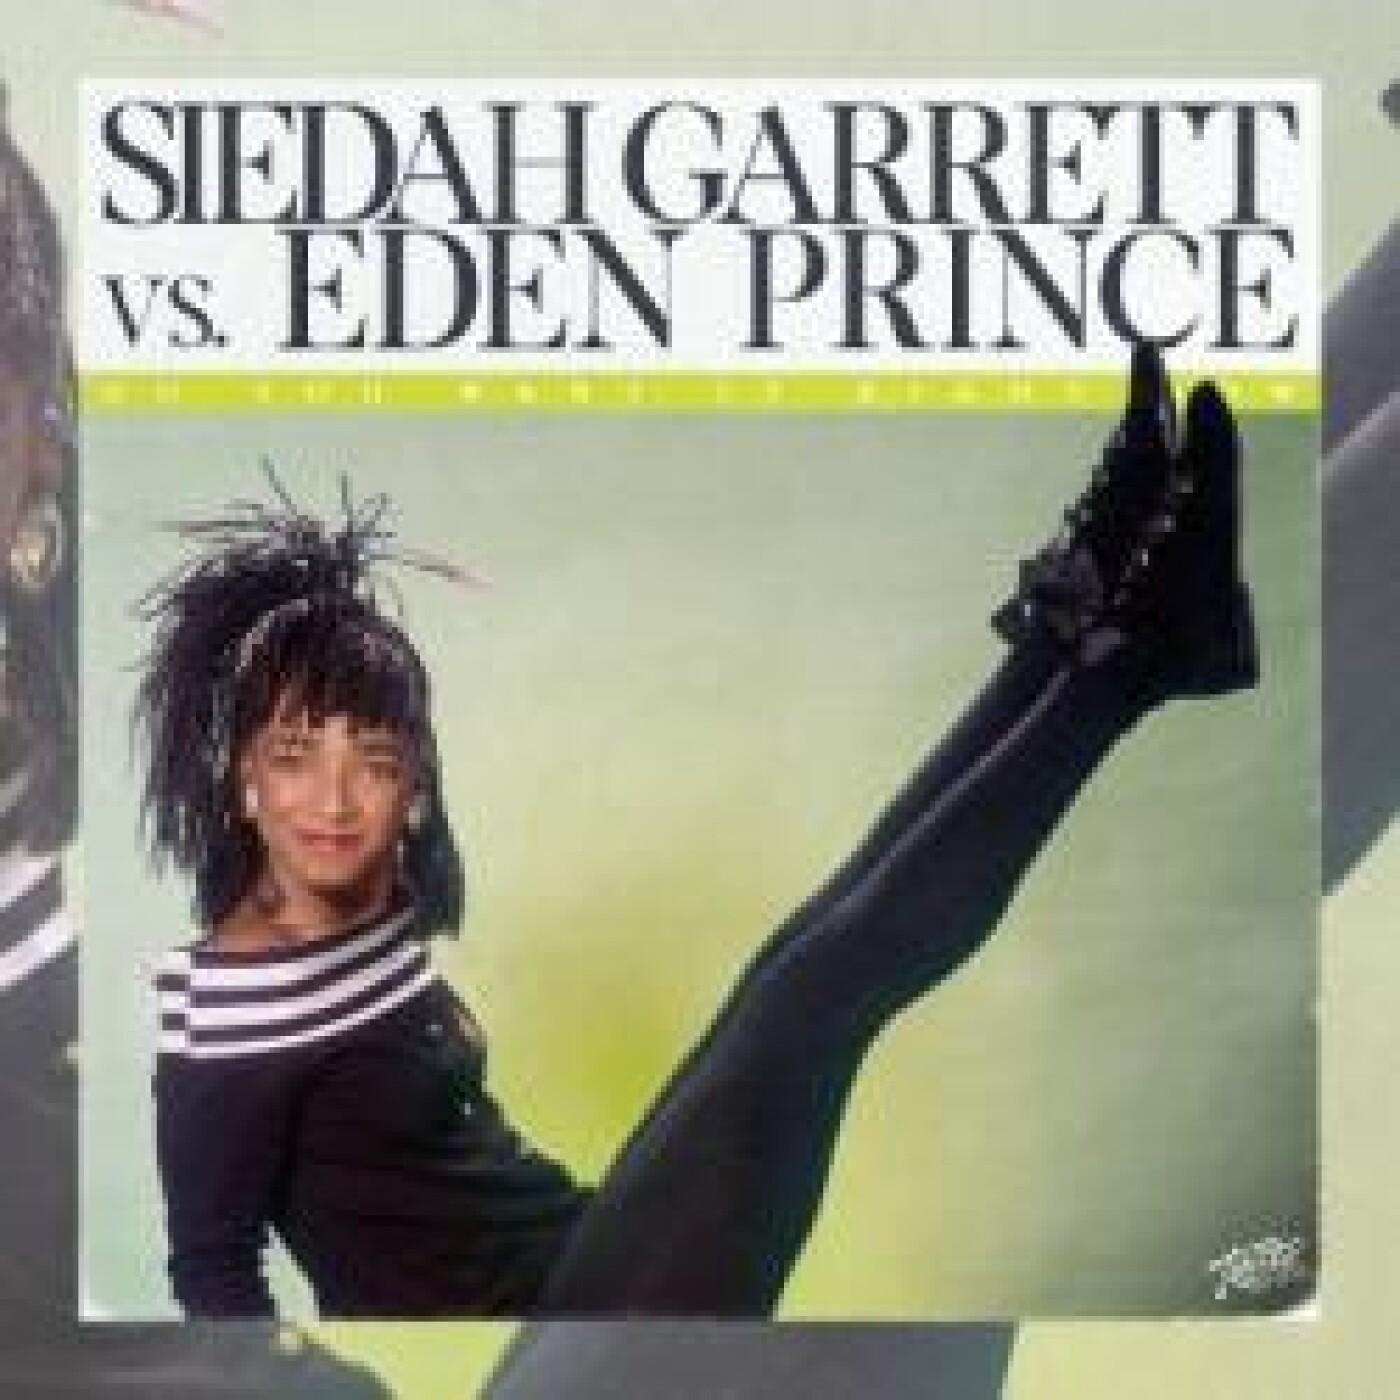 FG MUSIC NEWS : Quand Eden Prince revisite Siedah Garrett